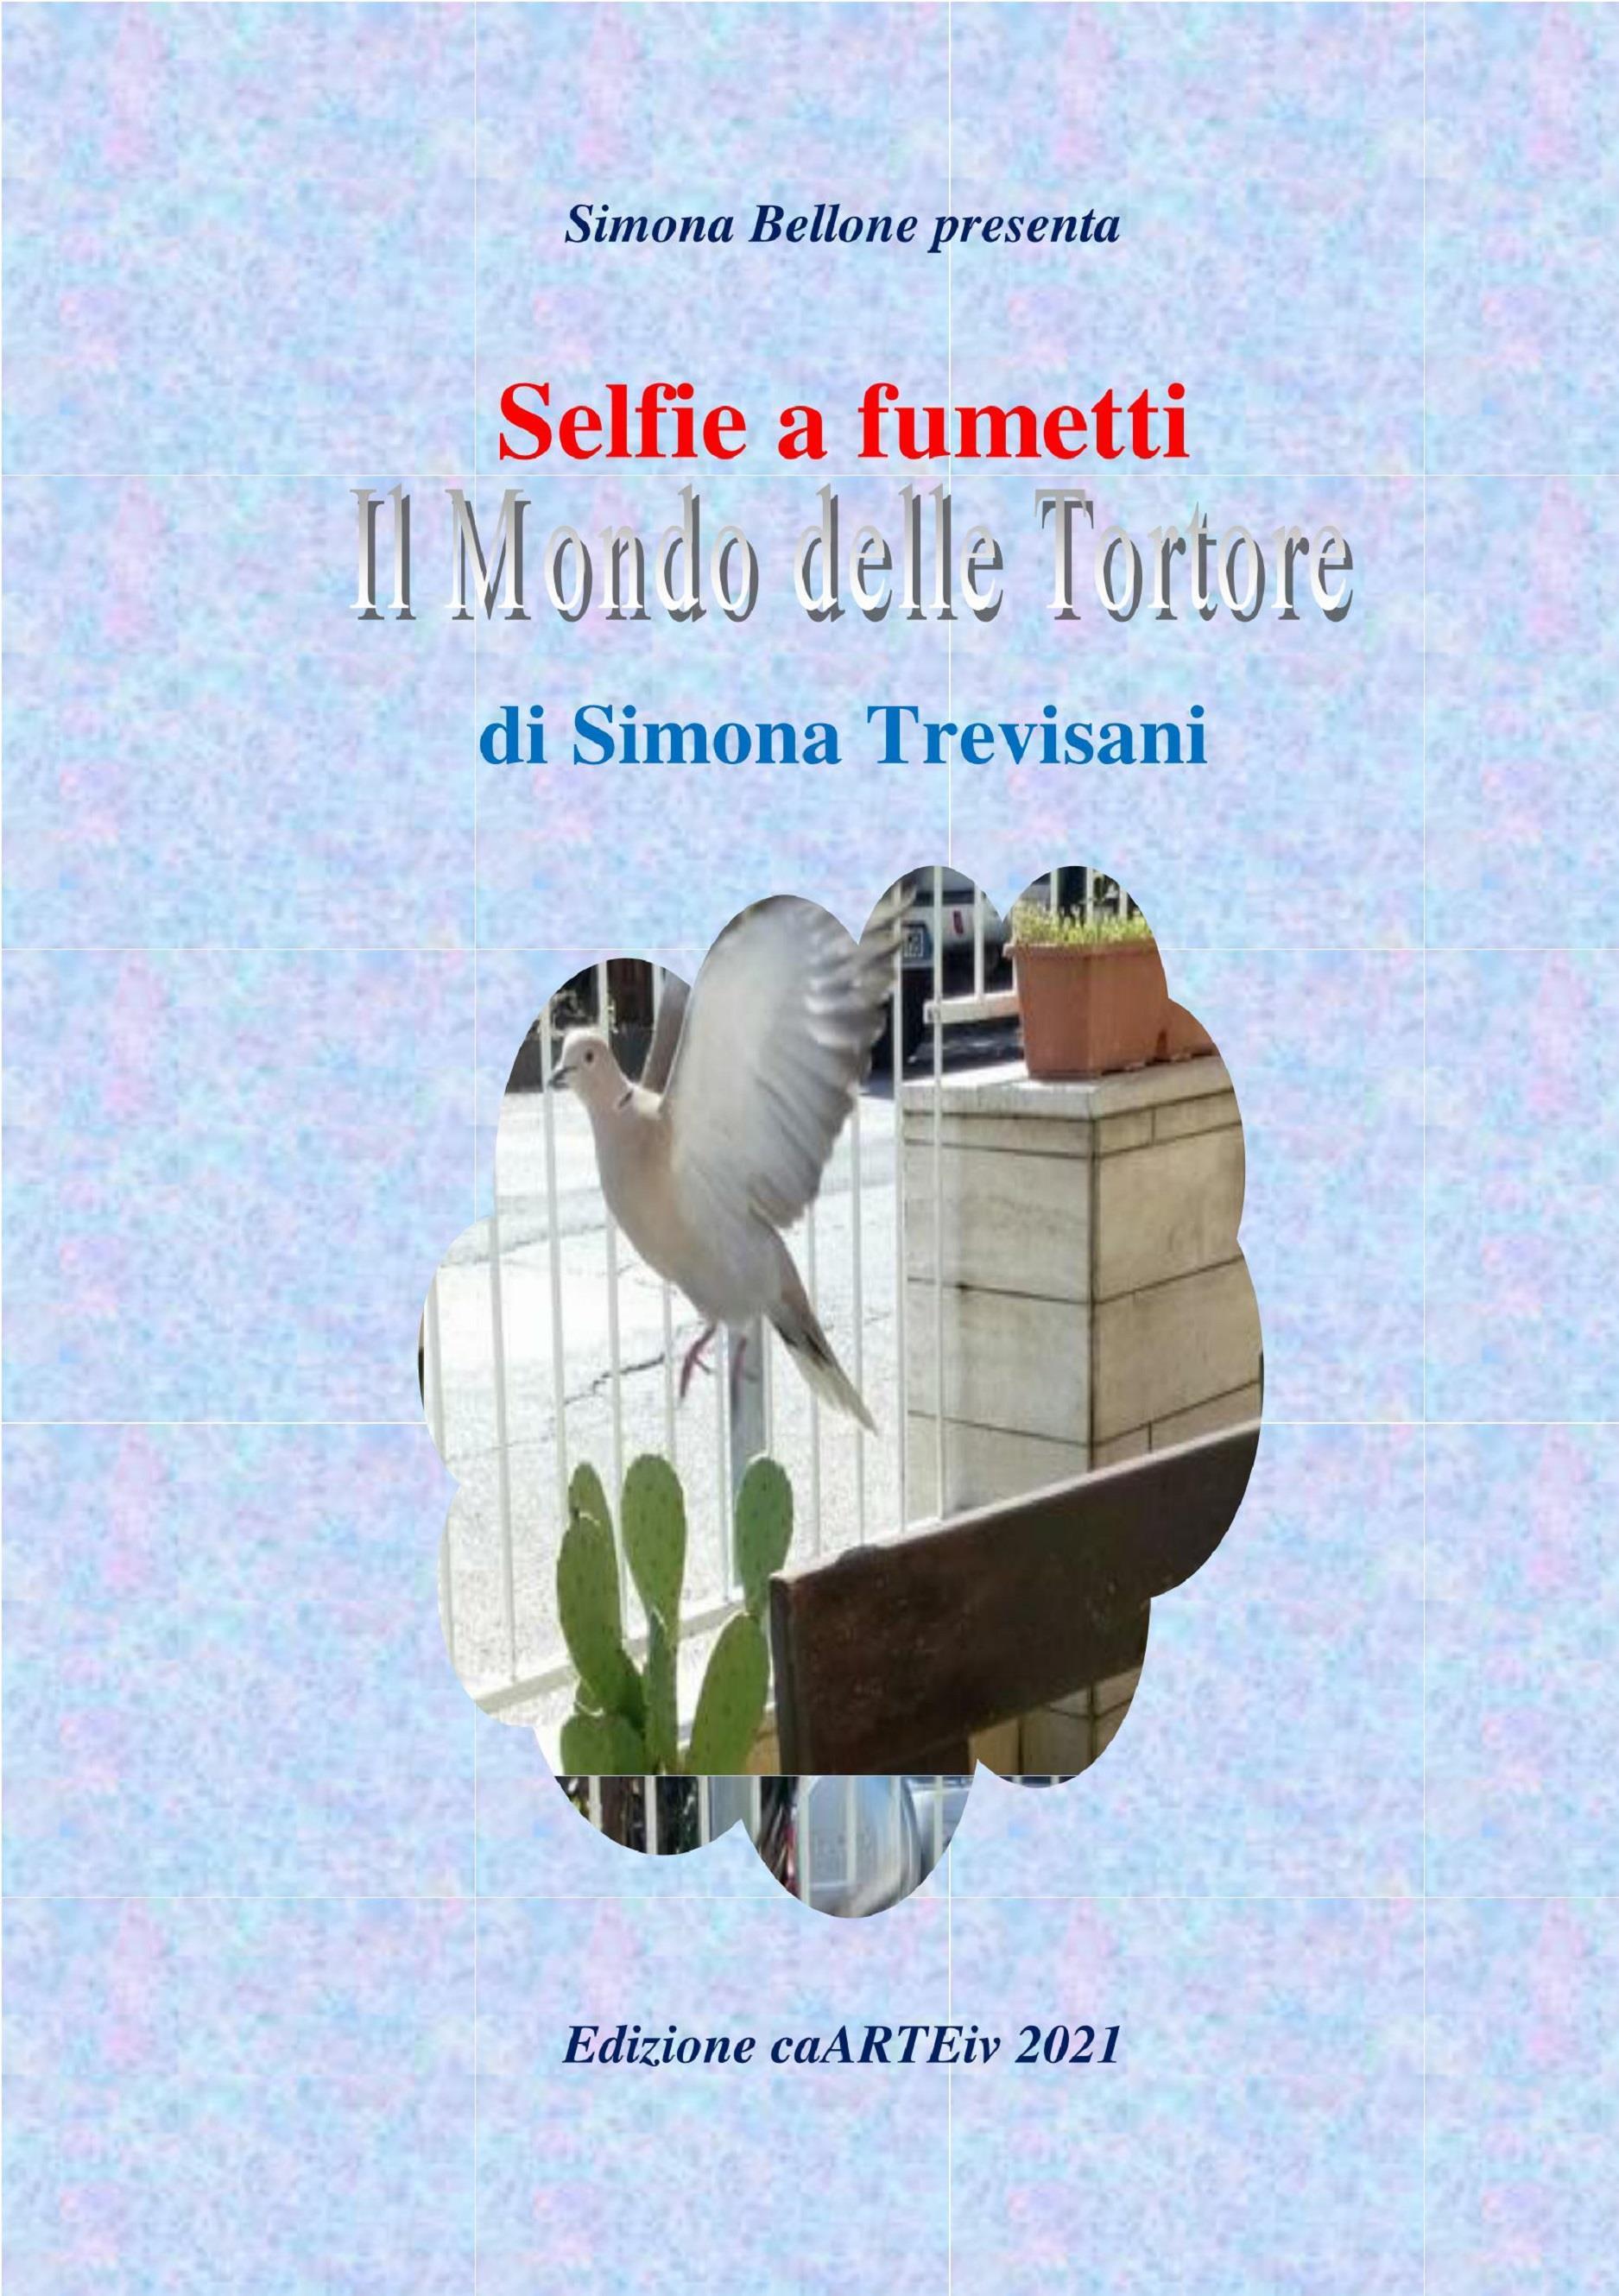 Selfie a fumetti. Il mondo delle tortore di Simona Trevisani.